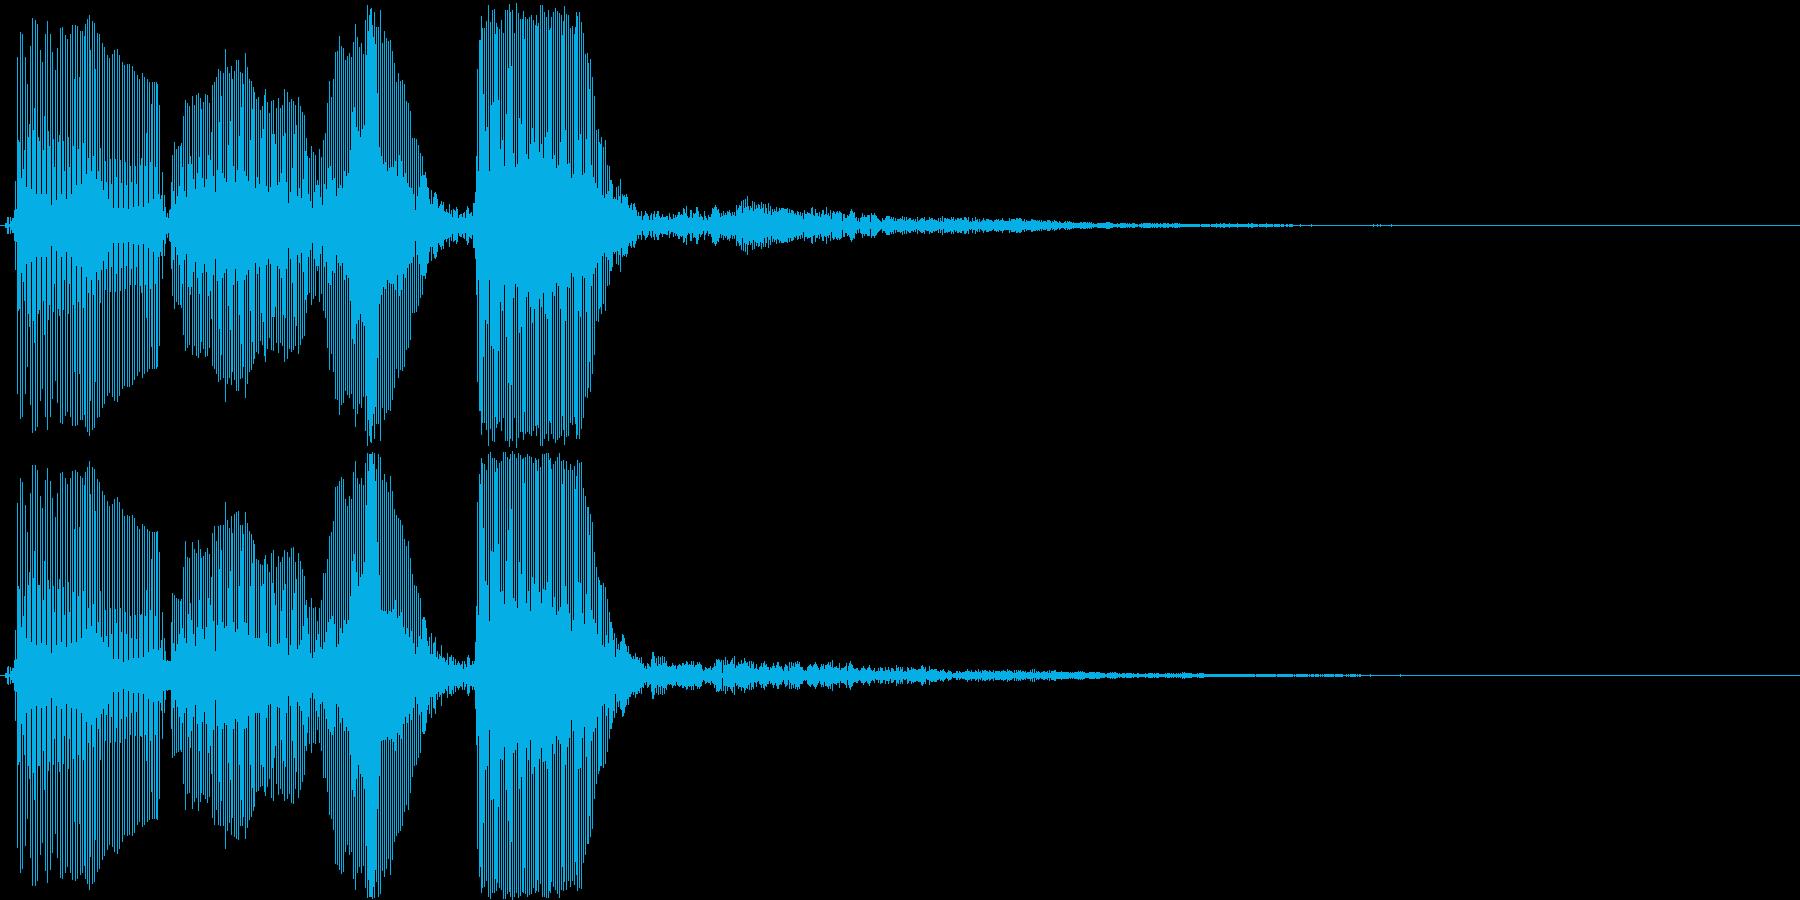 トランペット/パラララン・場面転換などにの再生済みの波形